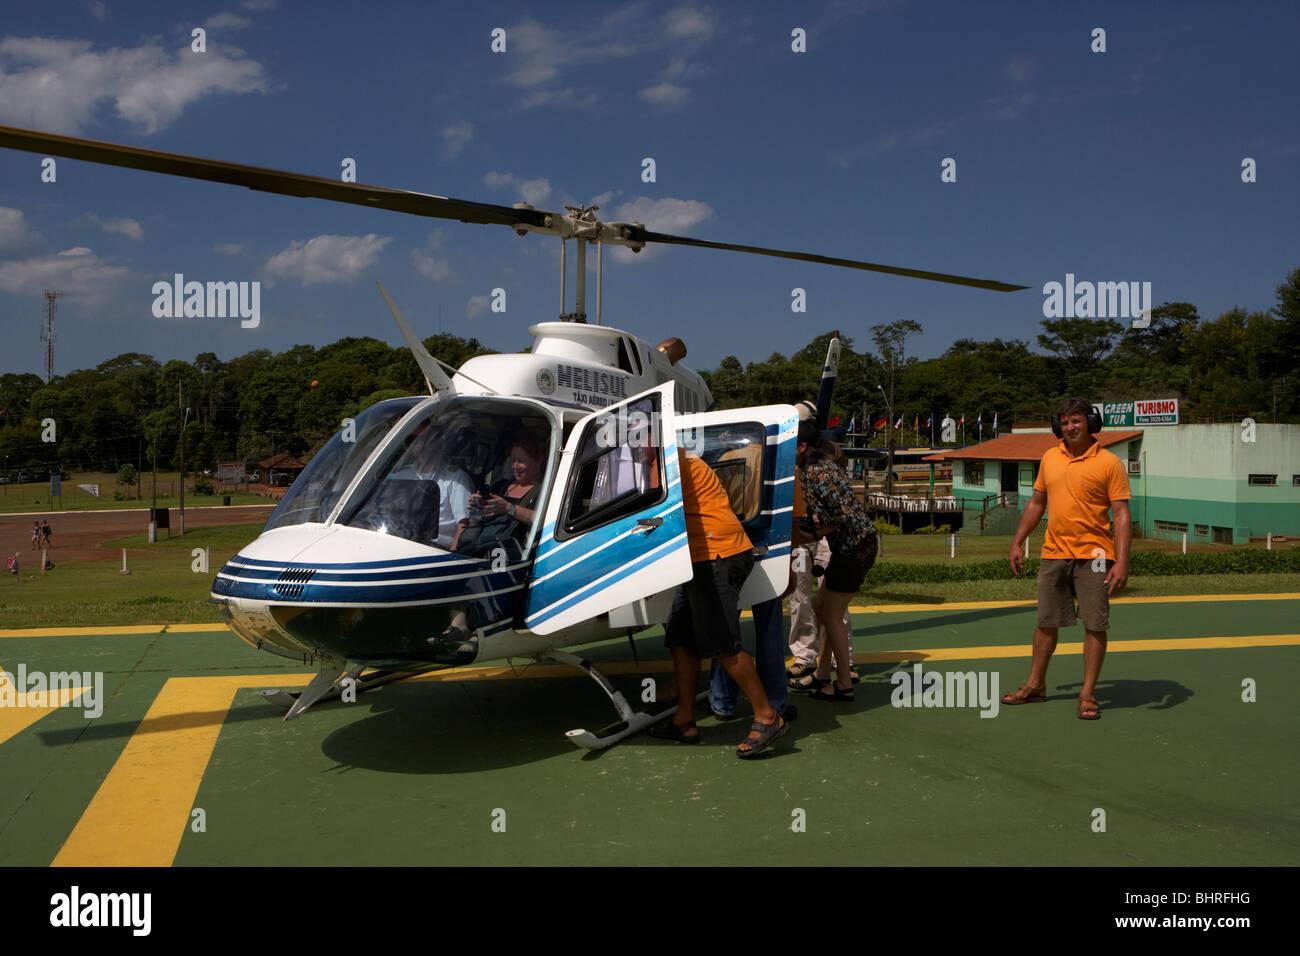 Helisul viaje turístico paseos en helicóptero sobre el Parque Nacional de Iguaçu, Paraná, Brasil, Imagen De Stock